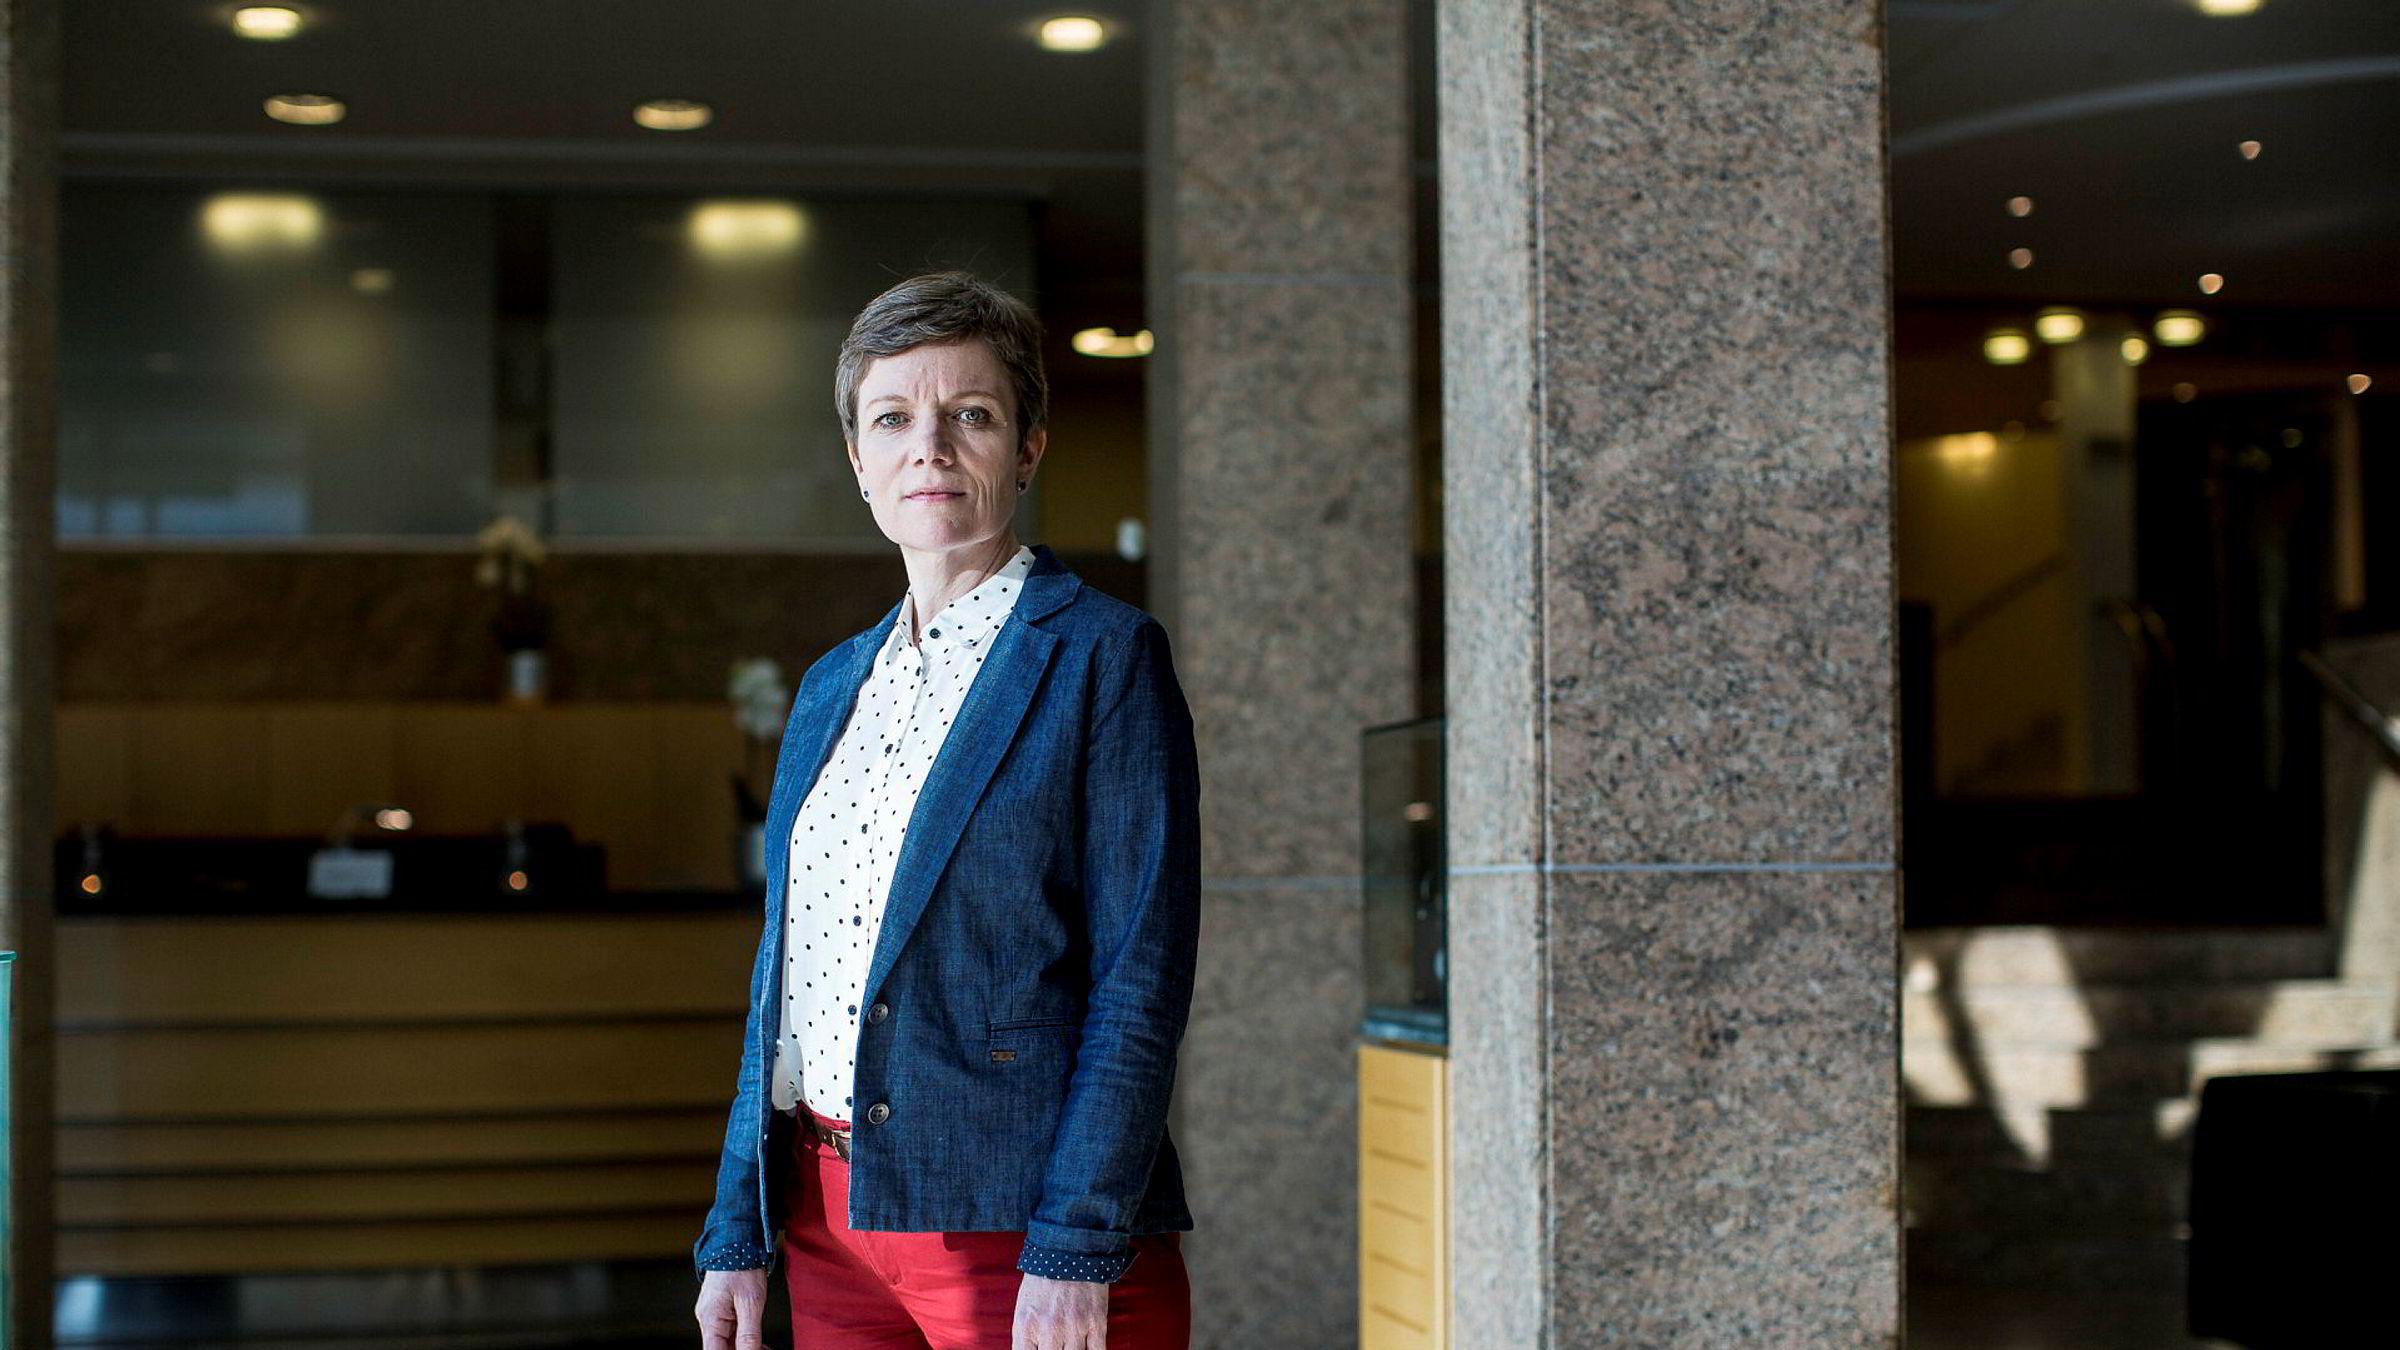 Legeforeningens president Marit Hermansen.